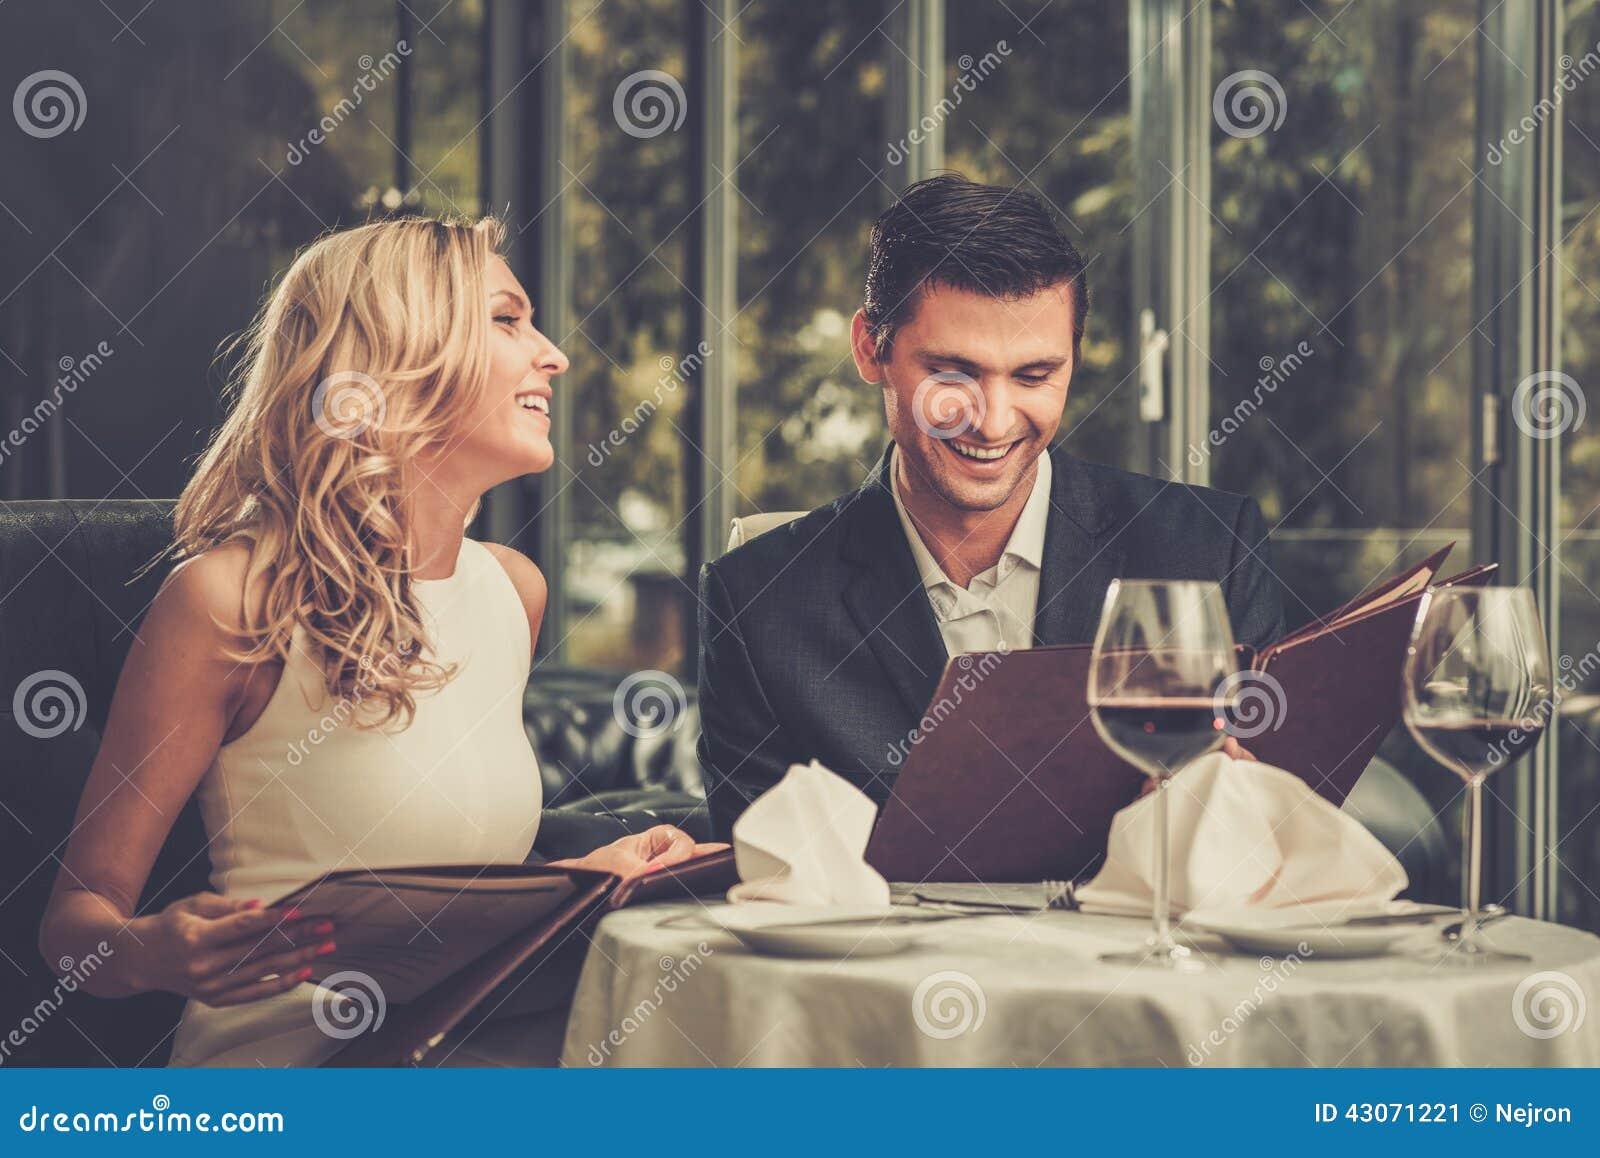 Гадание будет ли свидание с мужчиной онлайн бесплатно